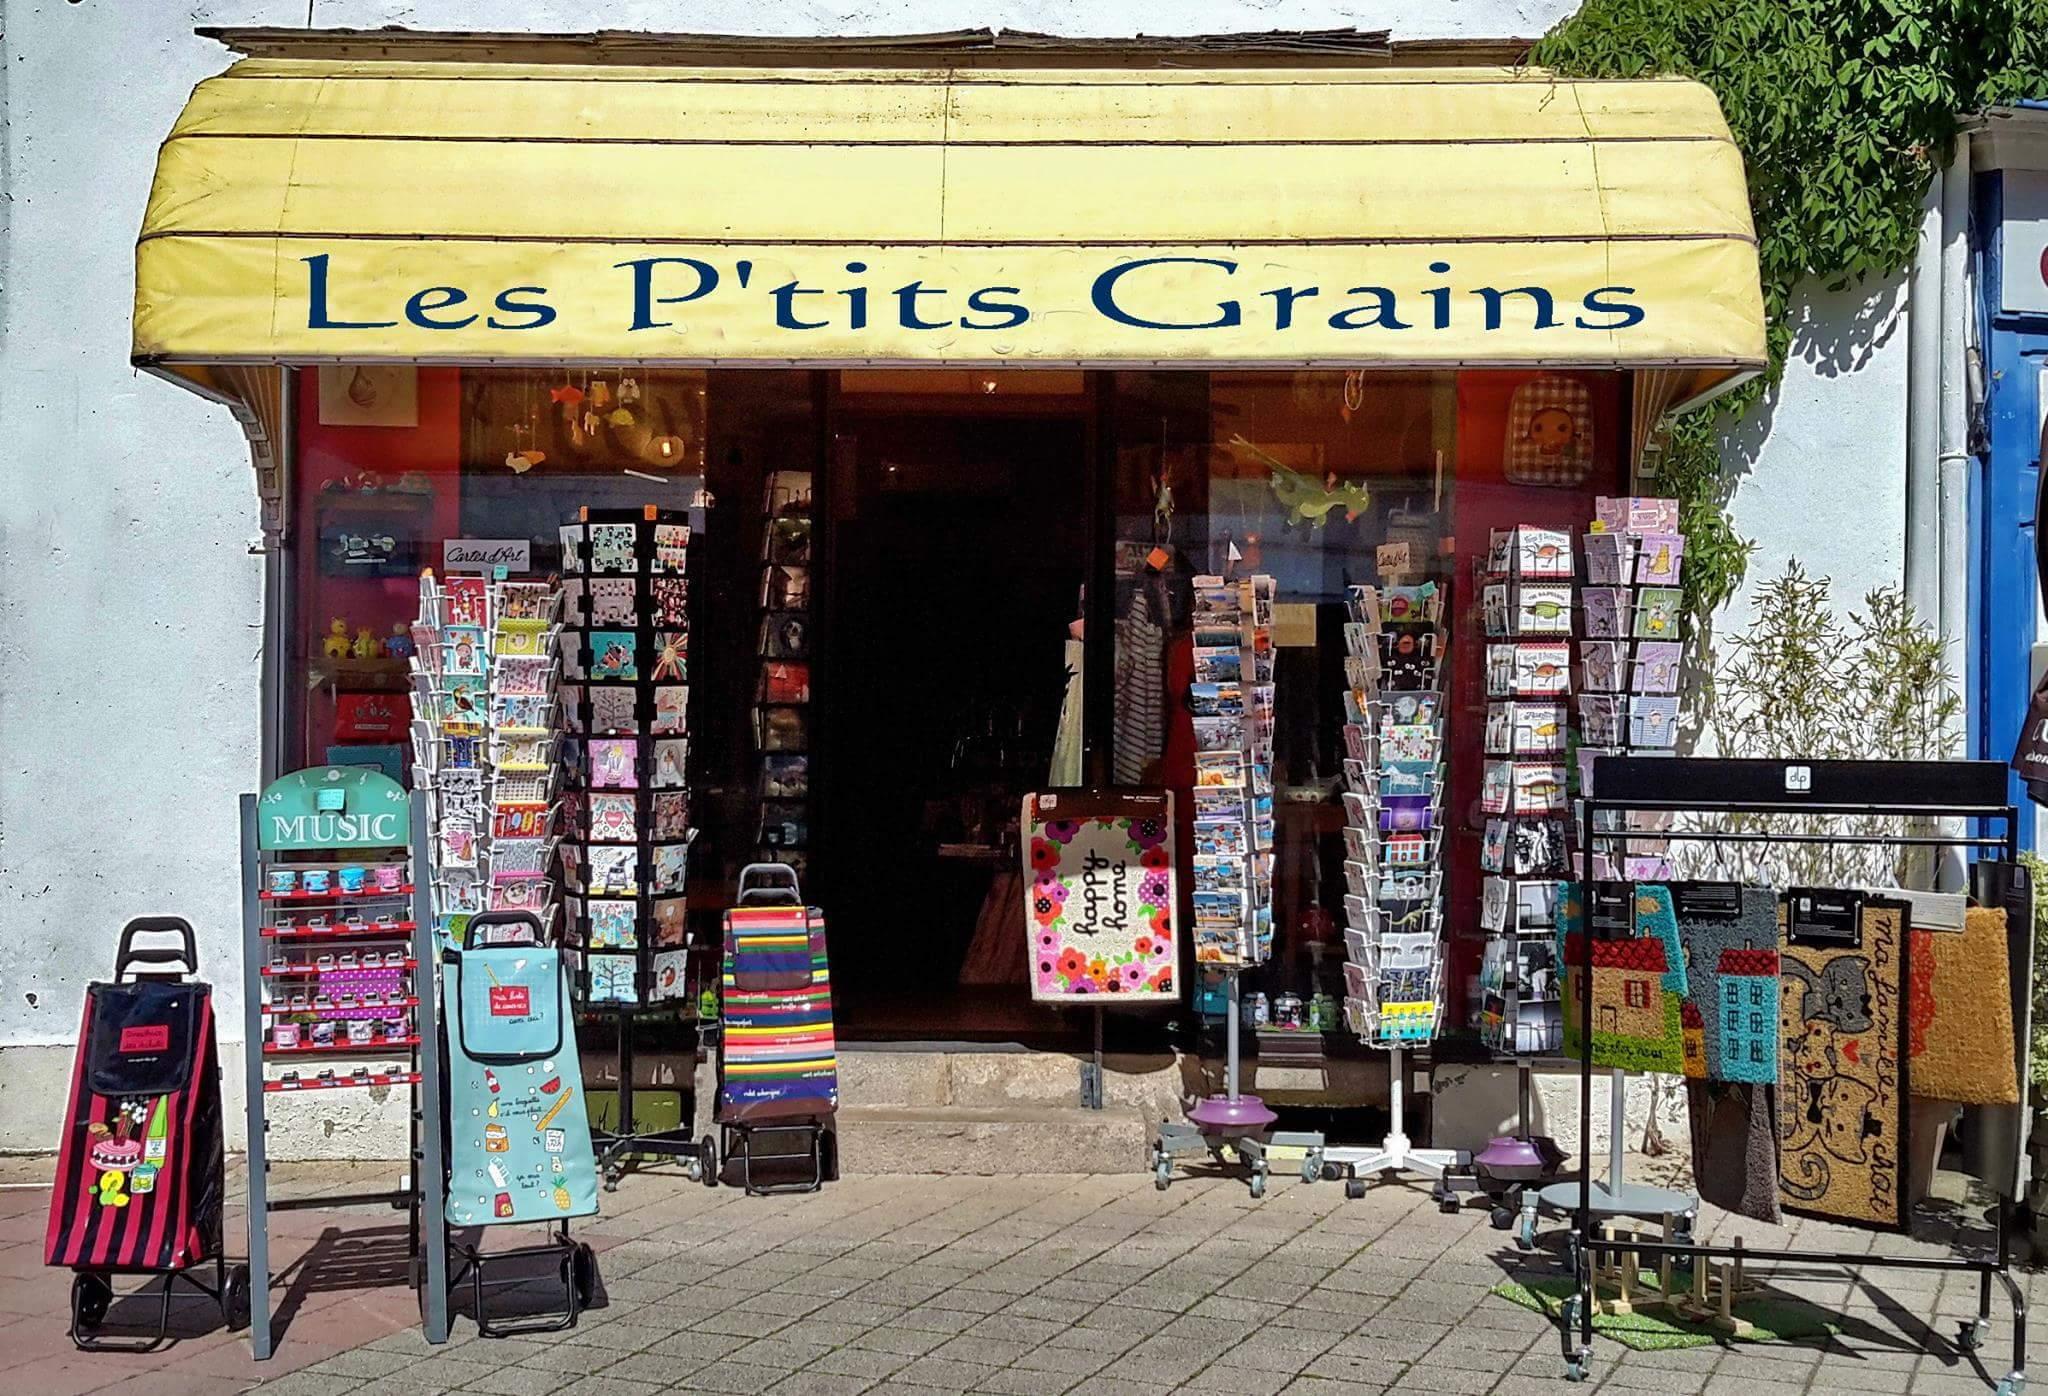 Galerie d'image - Les P'tits Grains